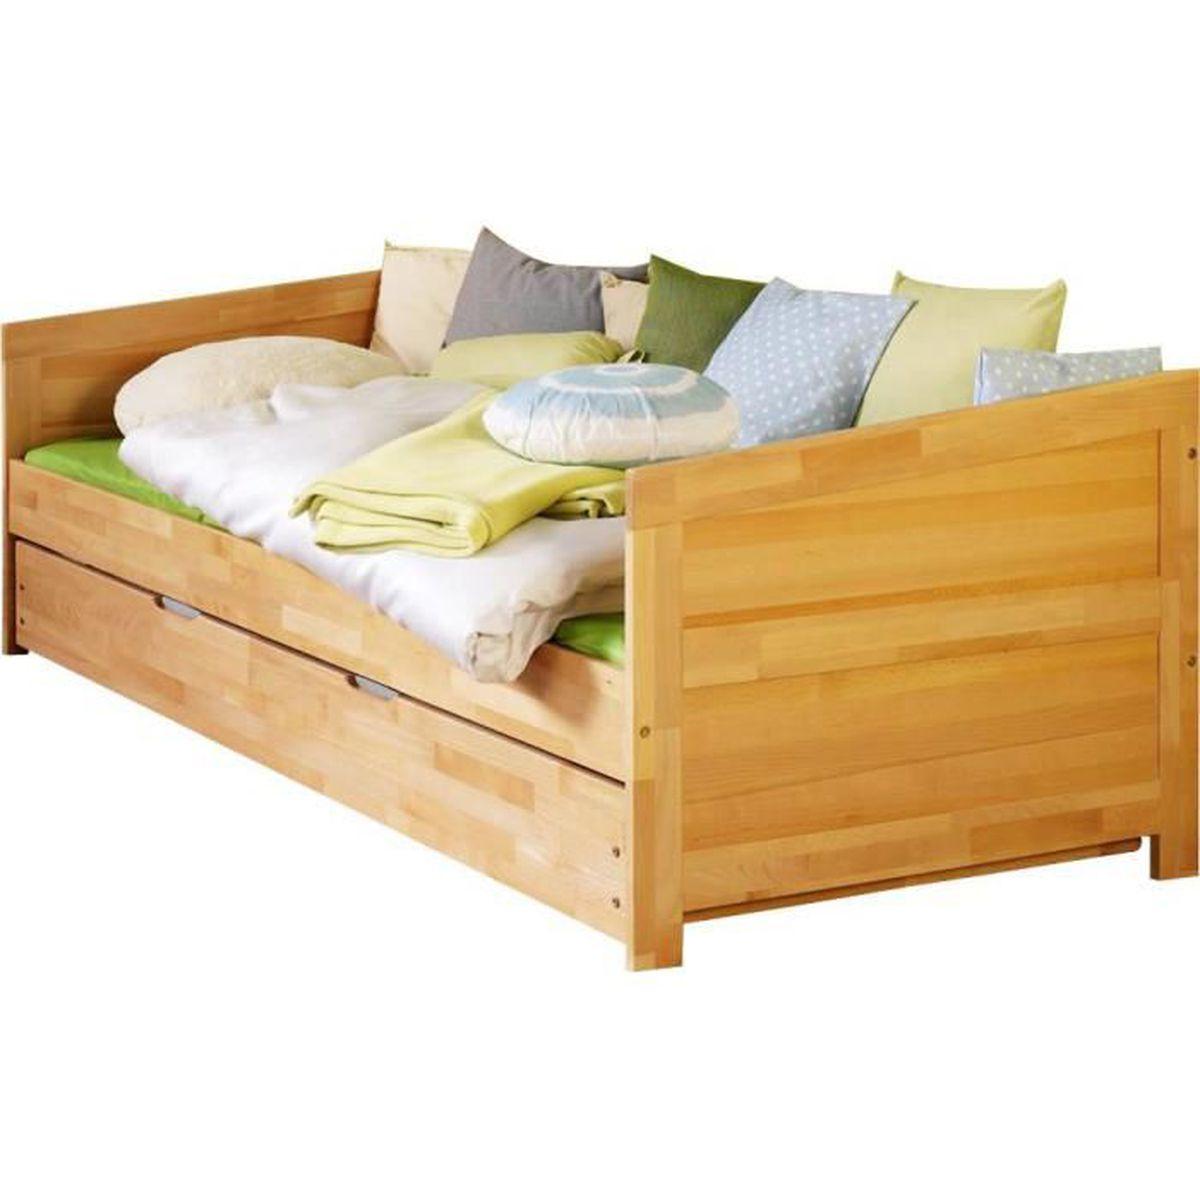 lit banquette avec un tiroir de couchage 90x200 cm en bois h tre massif h tre achat vente. Black Bedroom Furniture Sets. Home Design Ideas